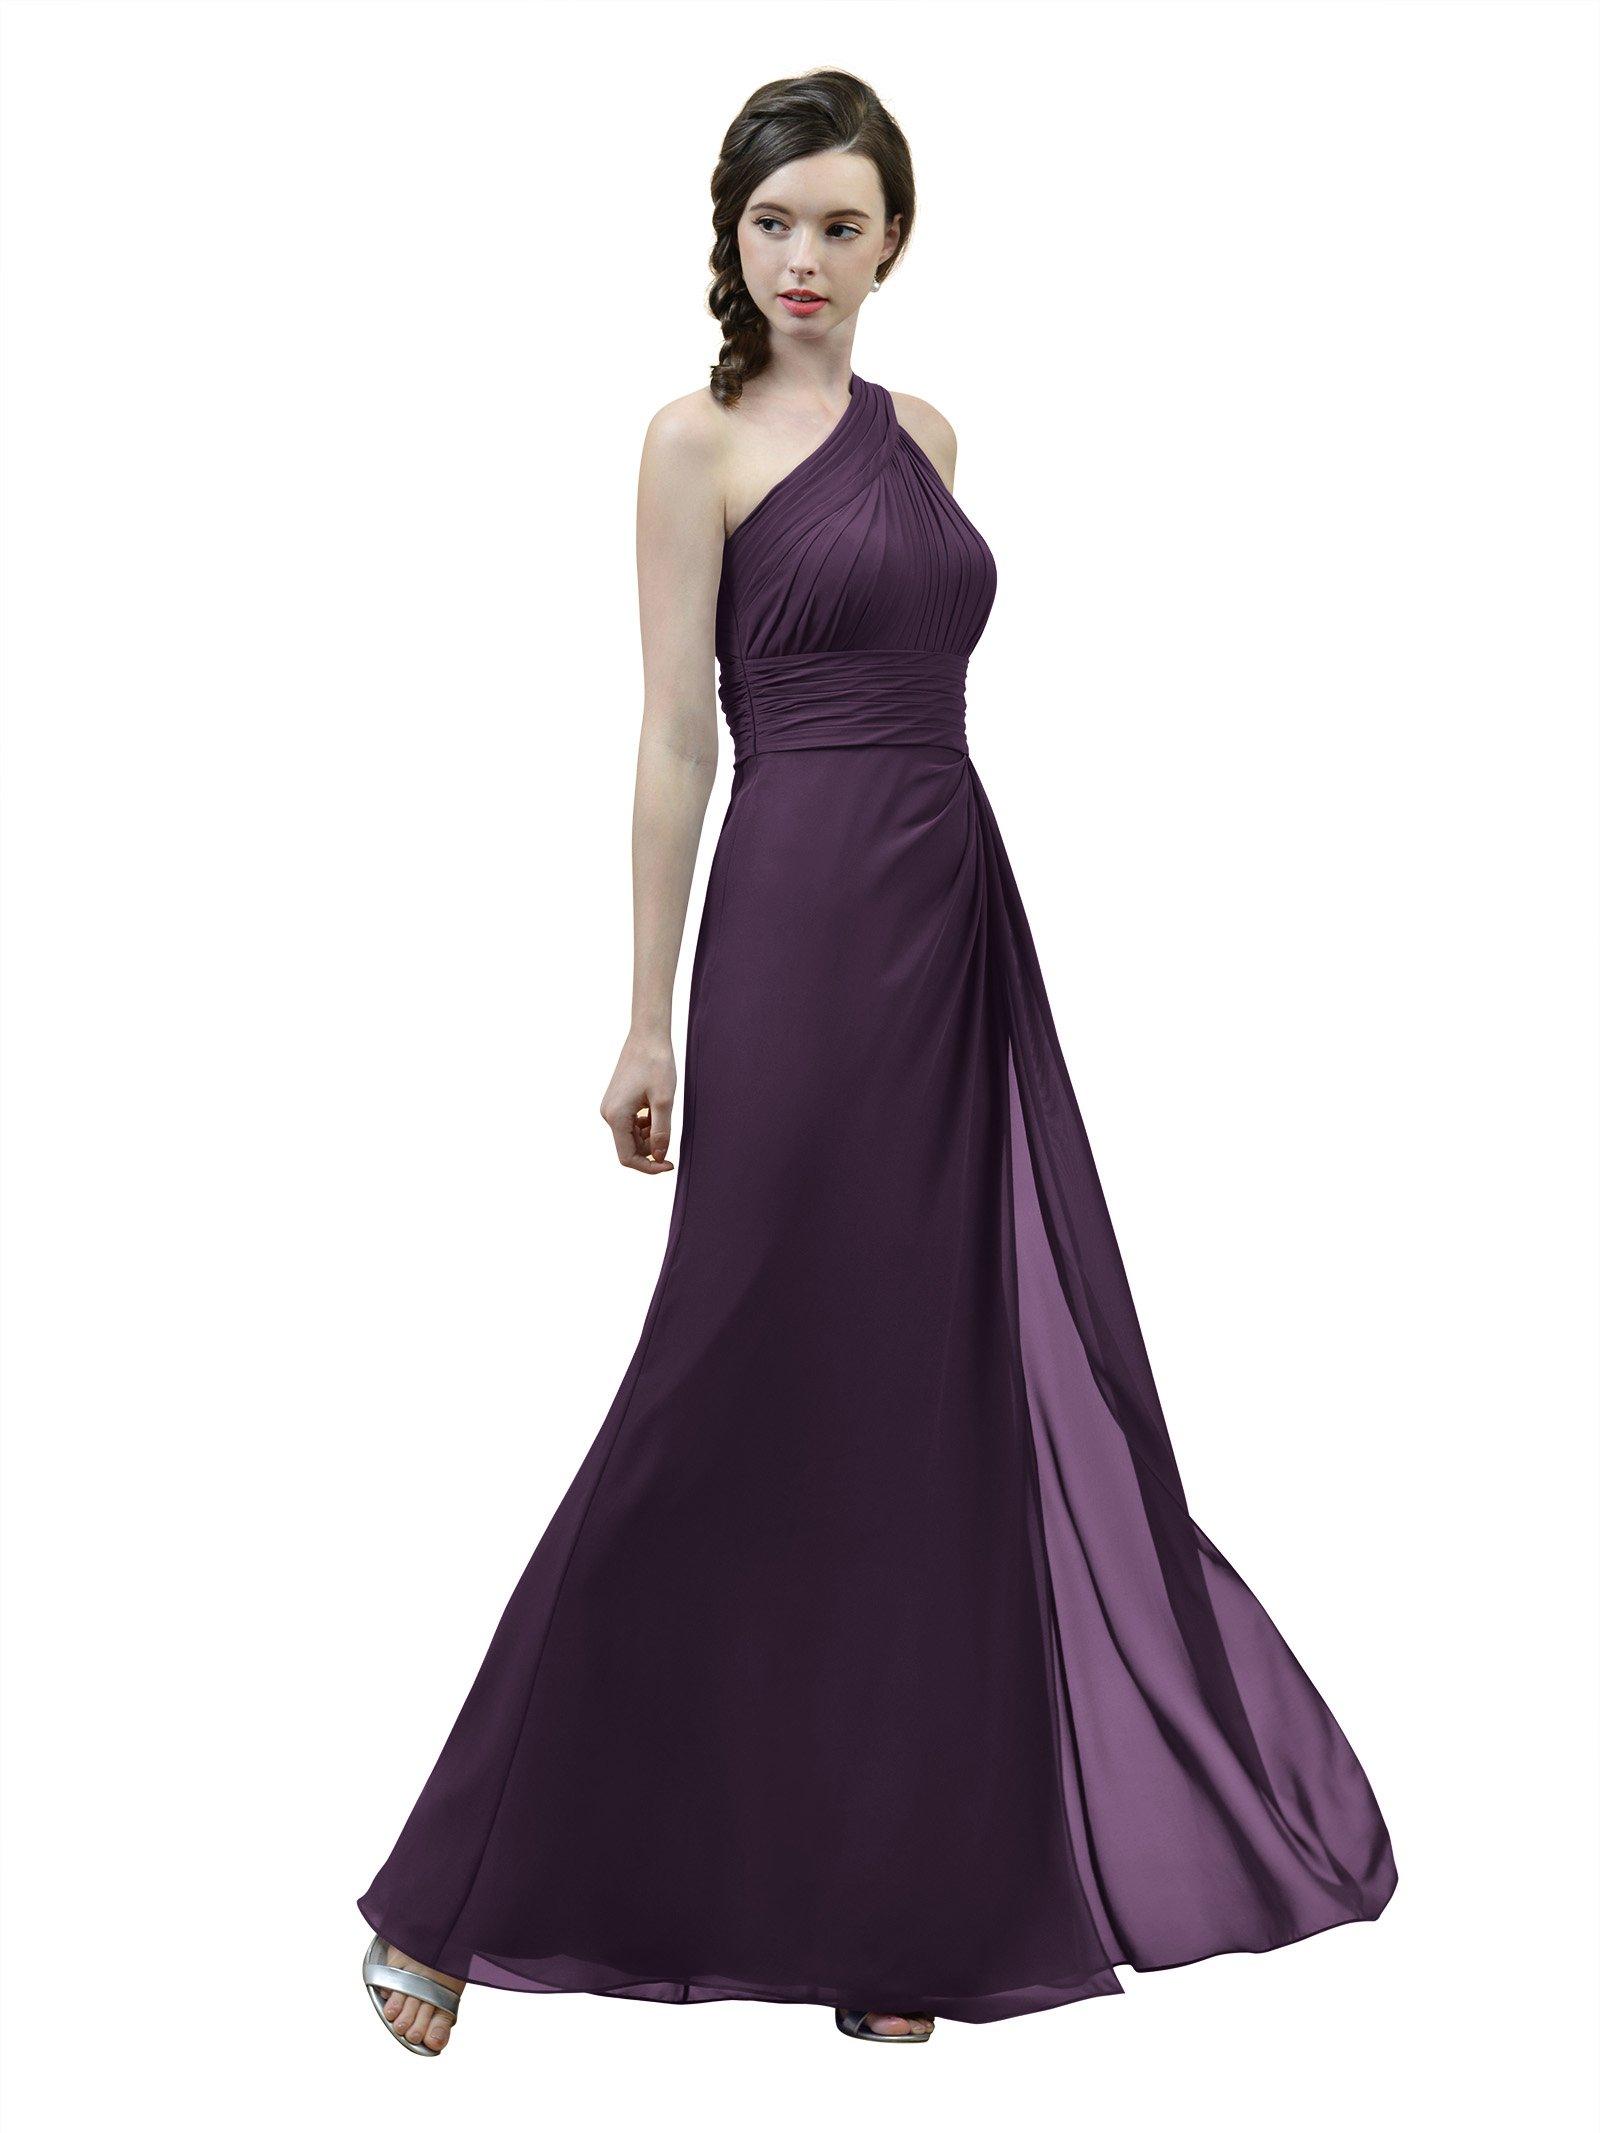 962cf8b020497 Prom Dresses Amazon Promo - raveitsafe